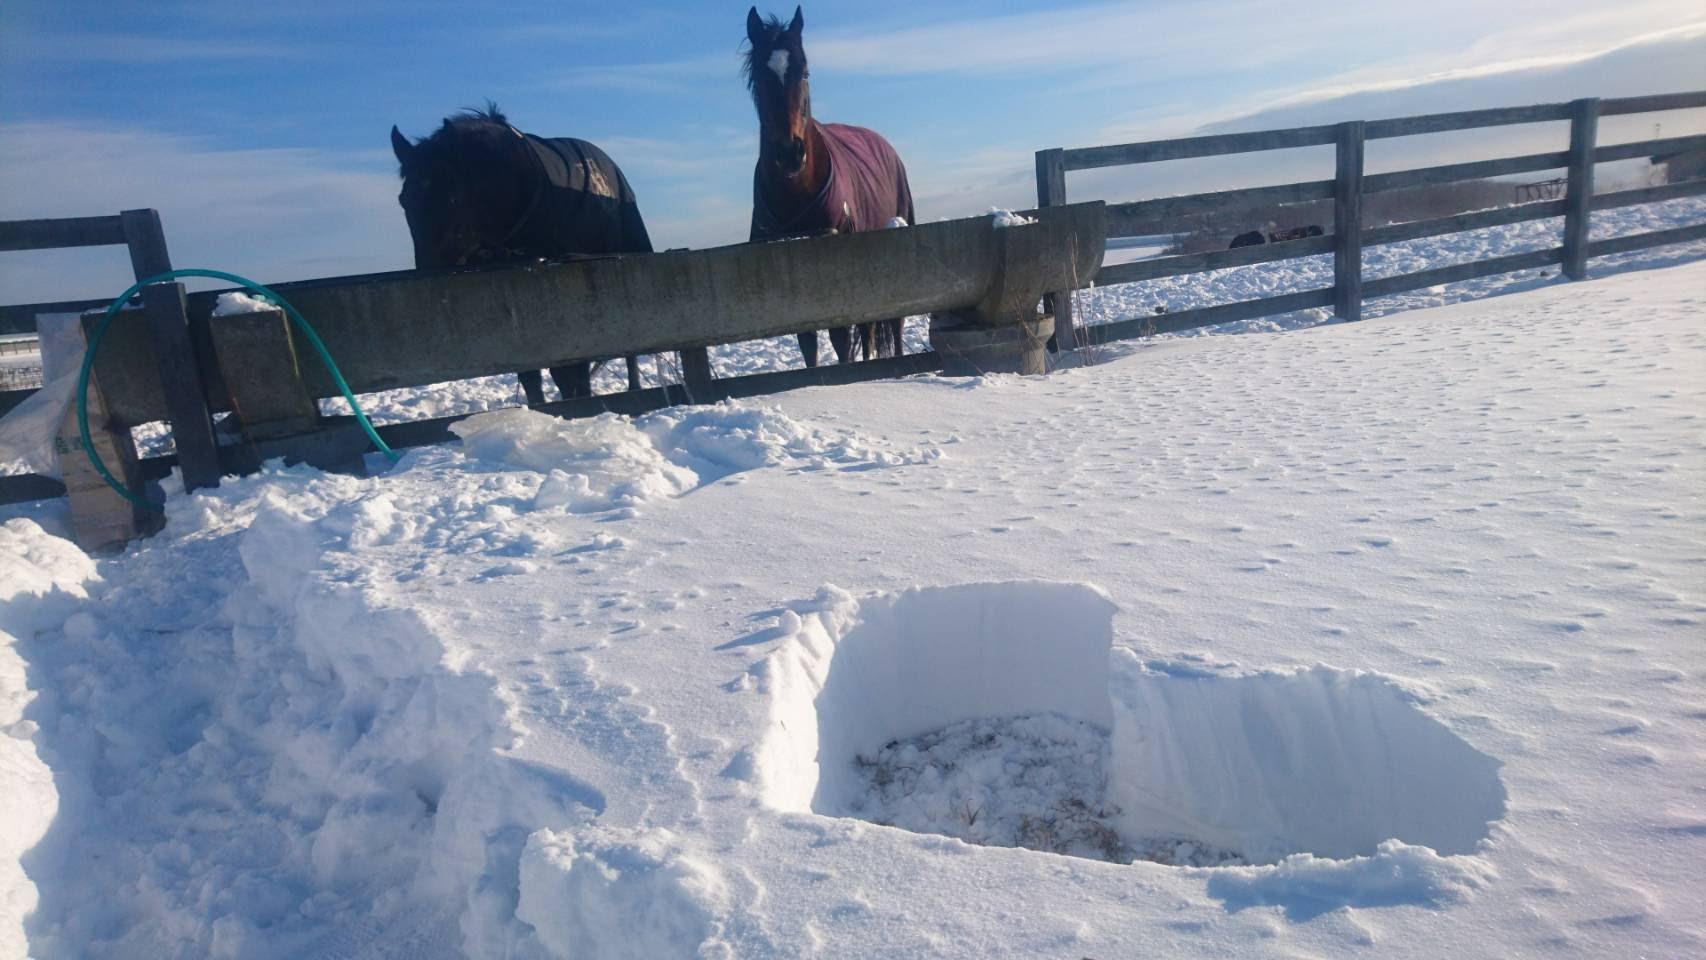 ハート形にくり抜いた雪と馬